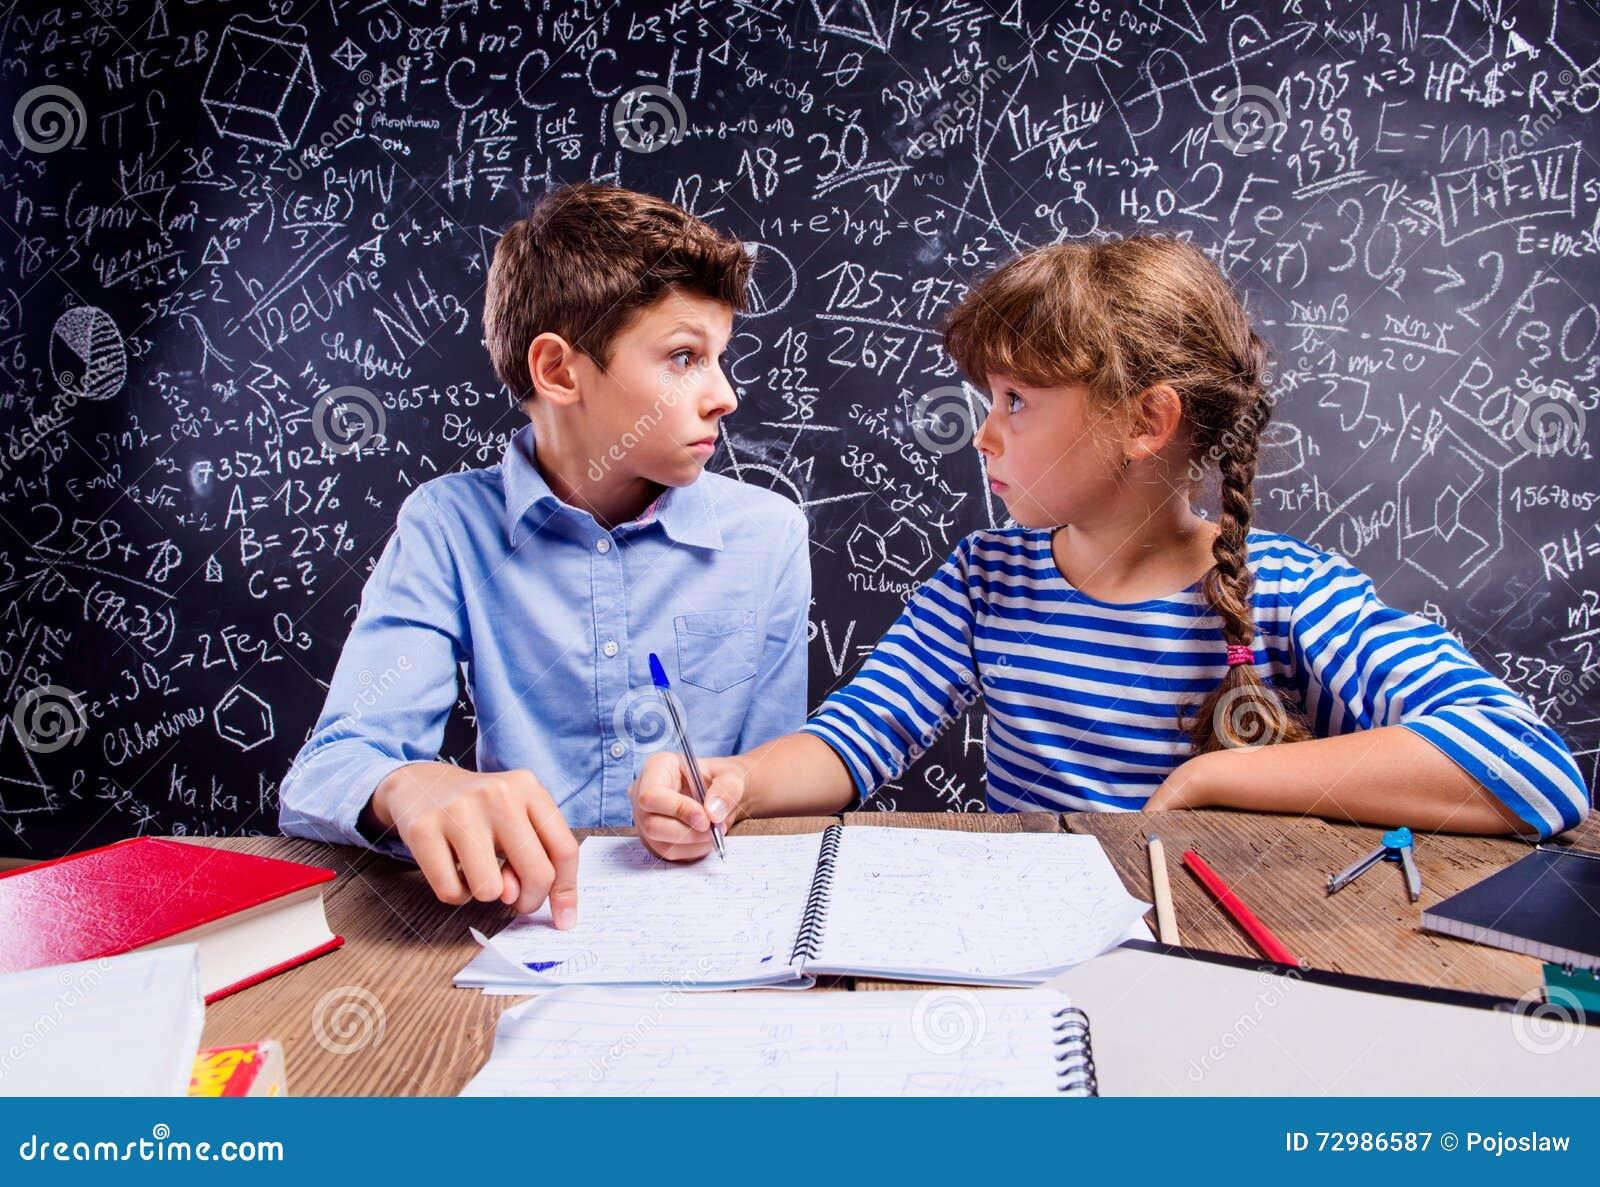 Écolier et fille au bureau grand tableau noir image stock image